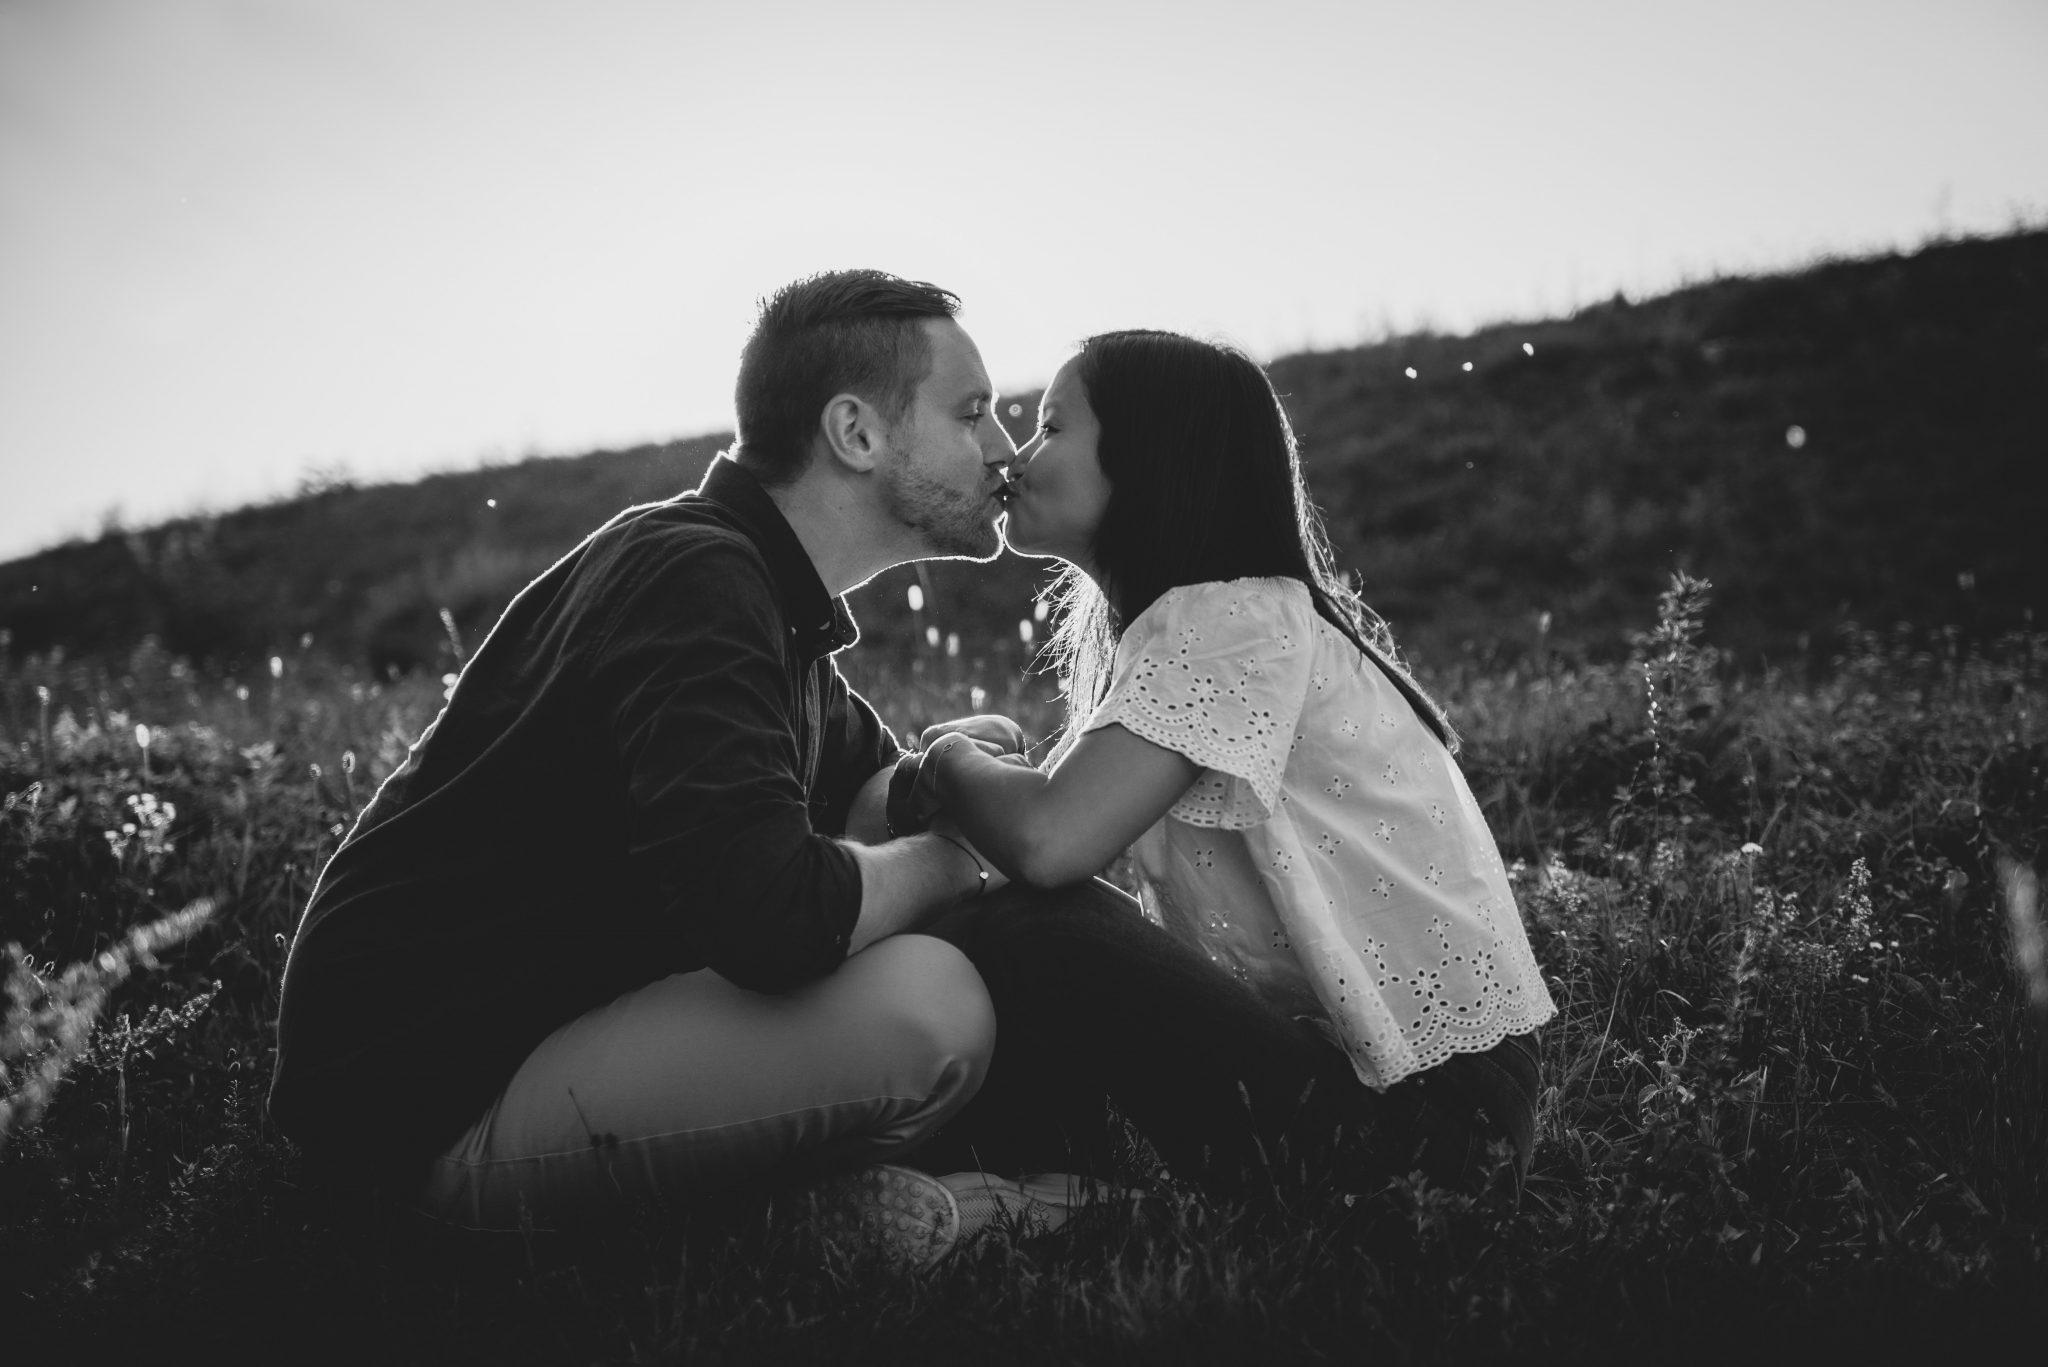 Mann und Frau sitzen sich gegenüber auf der Wiese und küssen sich vorneübergebeugt / schwarz-weiß